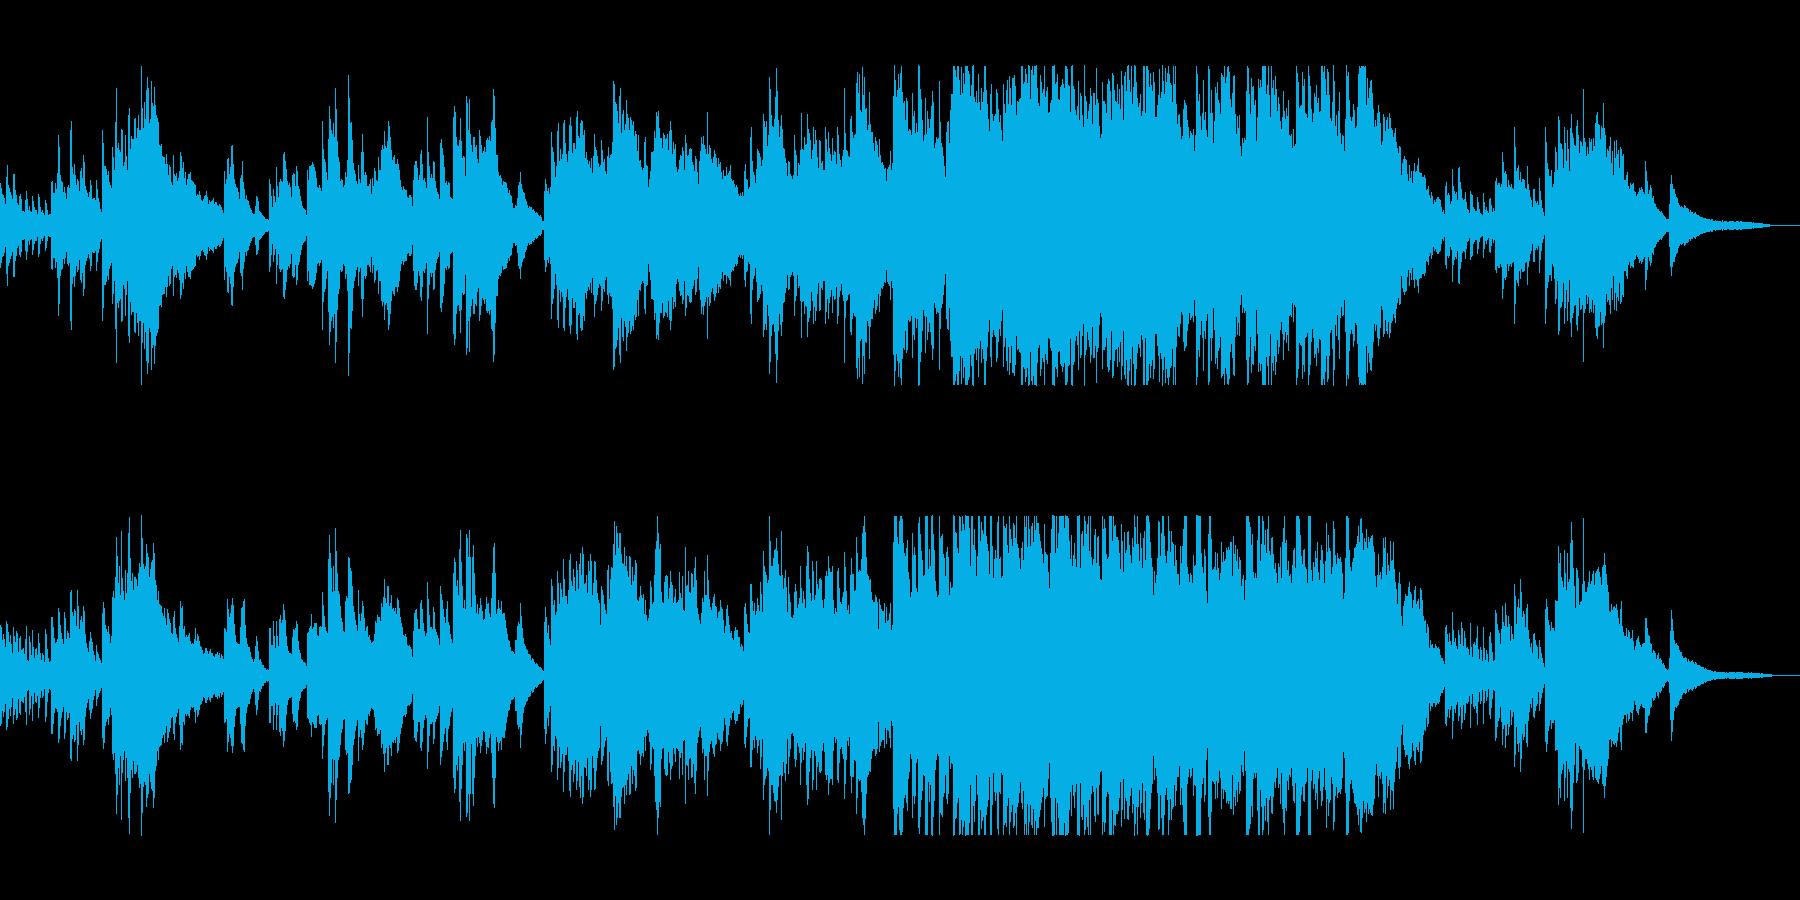 美しく感動的なピアノとストリングスの曲の再生済みの波形